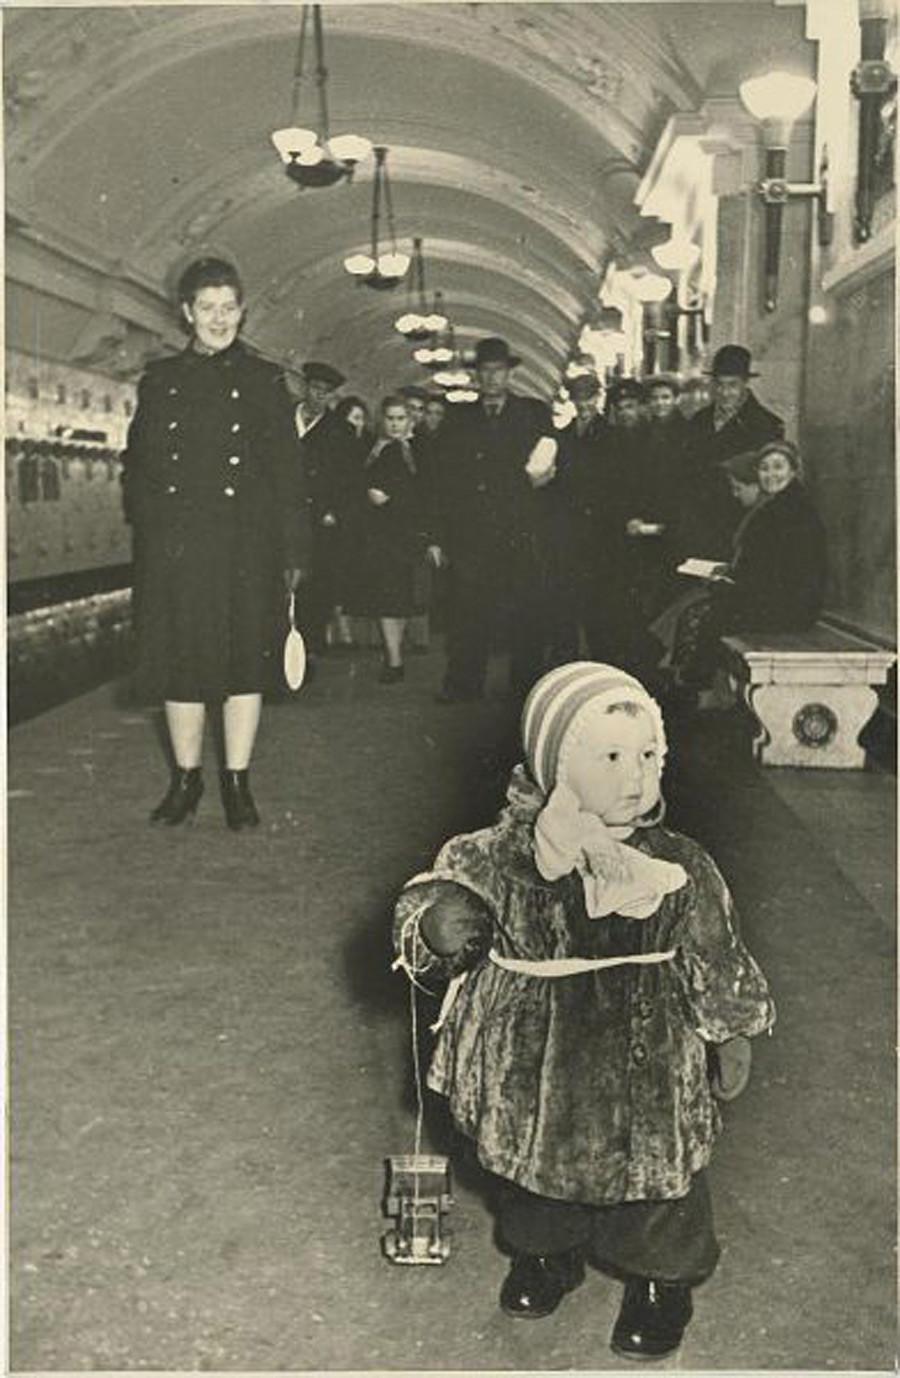 Di stasiun kereta bawah tanah, 1950-an.